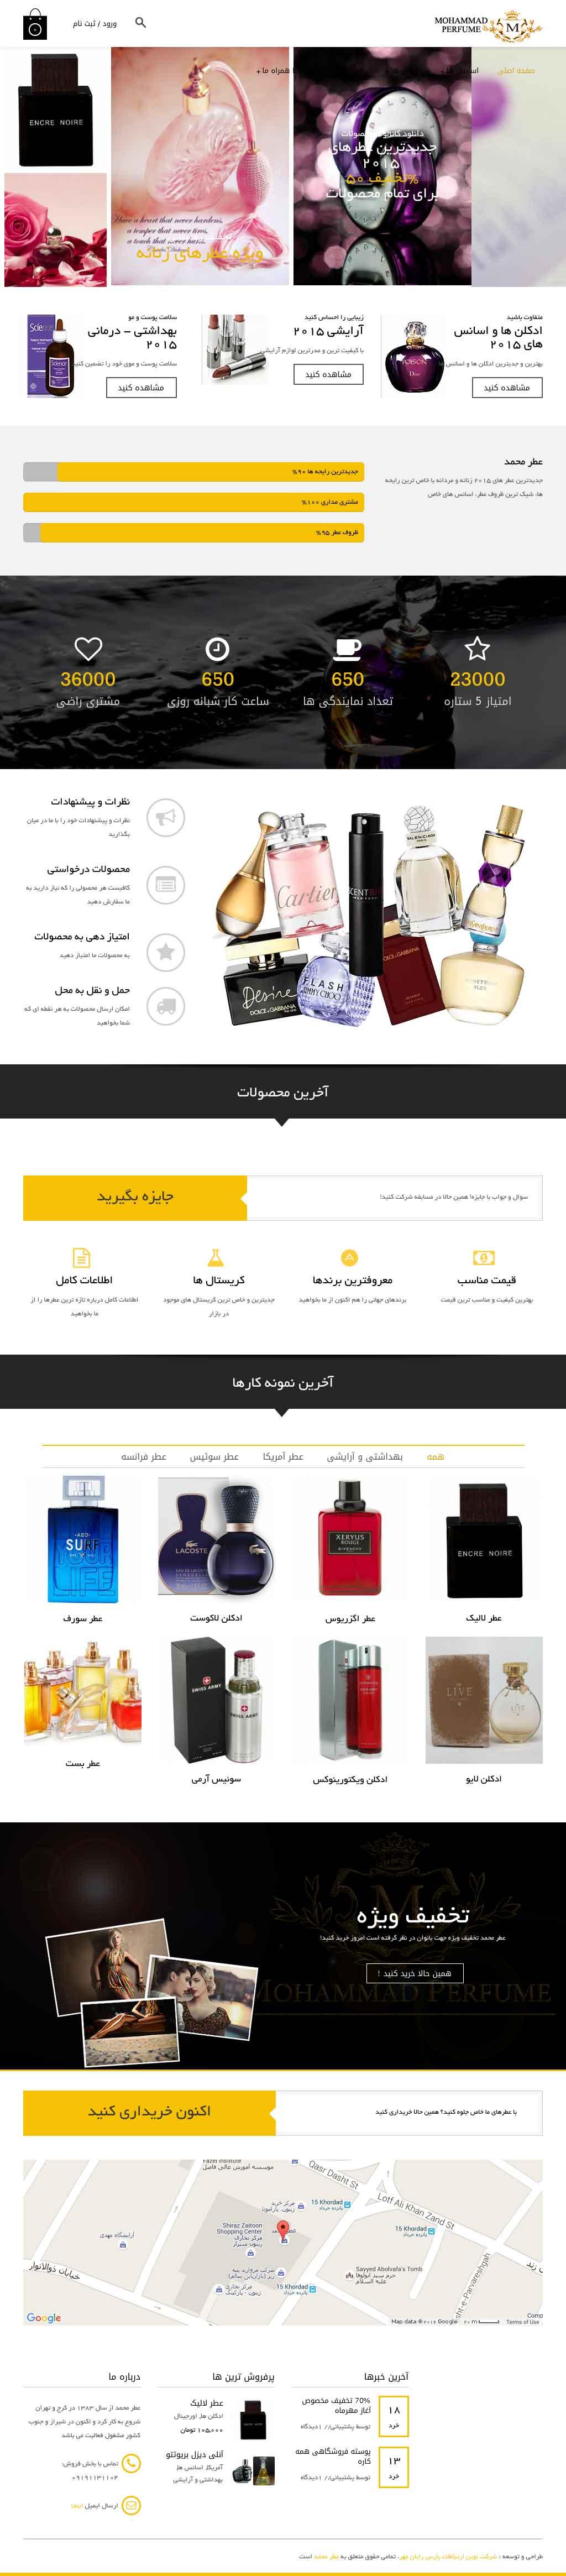 وب-سایت-فروشگاه-عطر-محمد